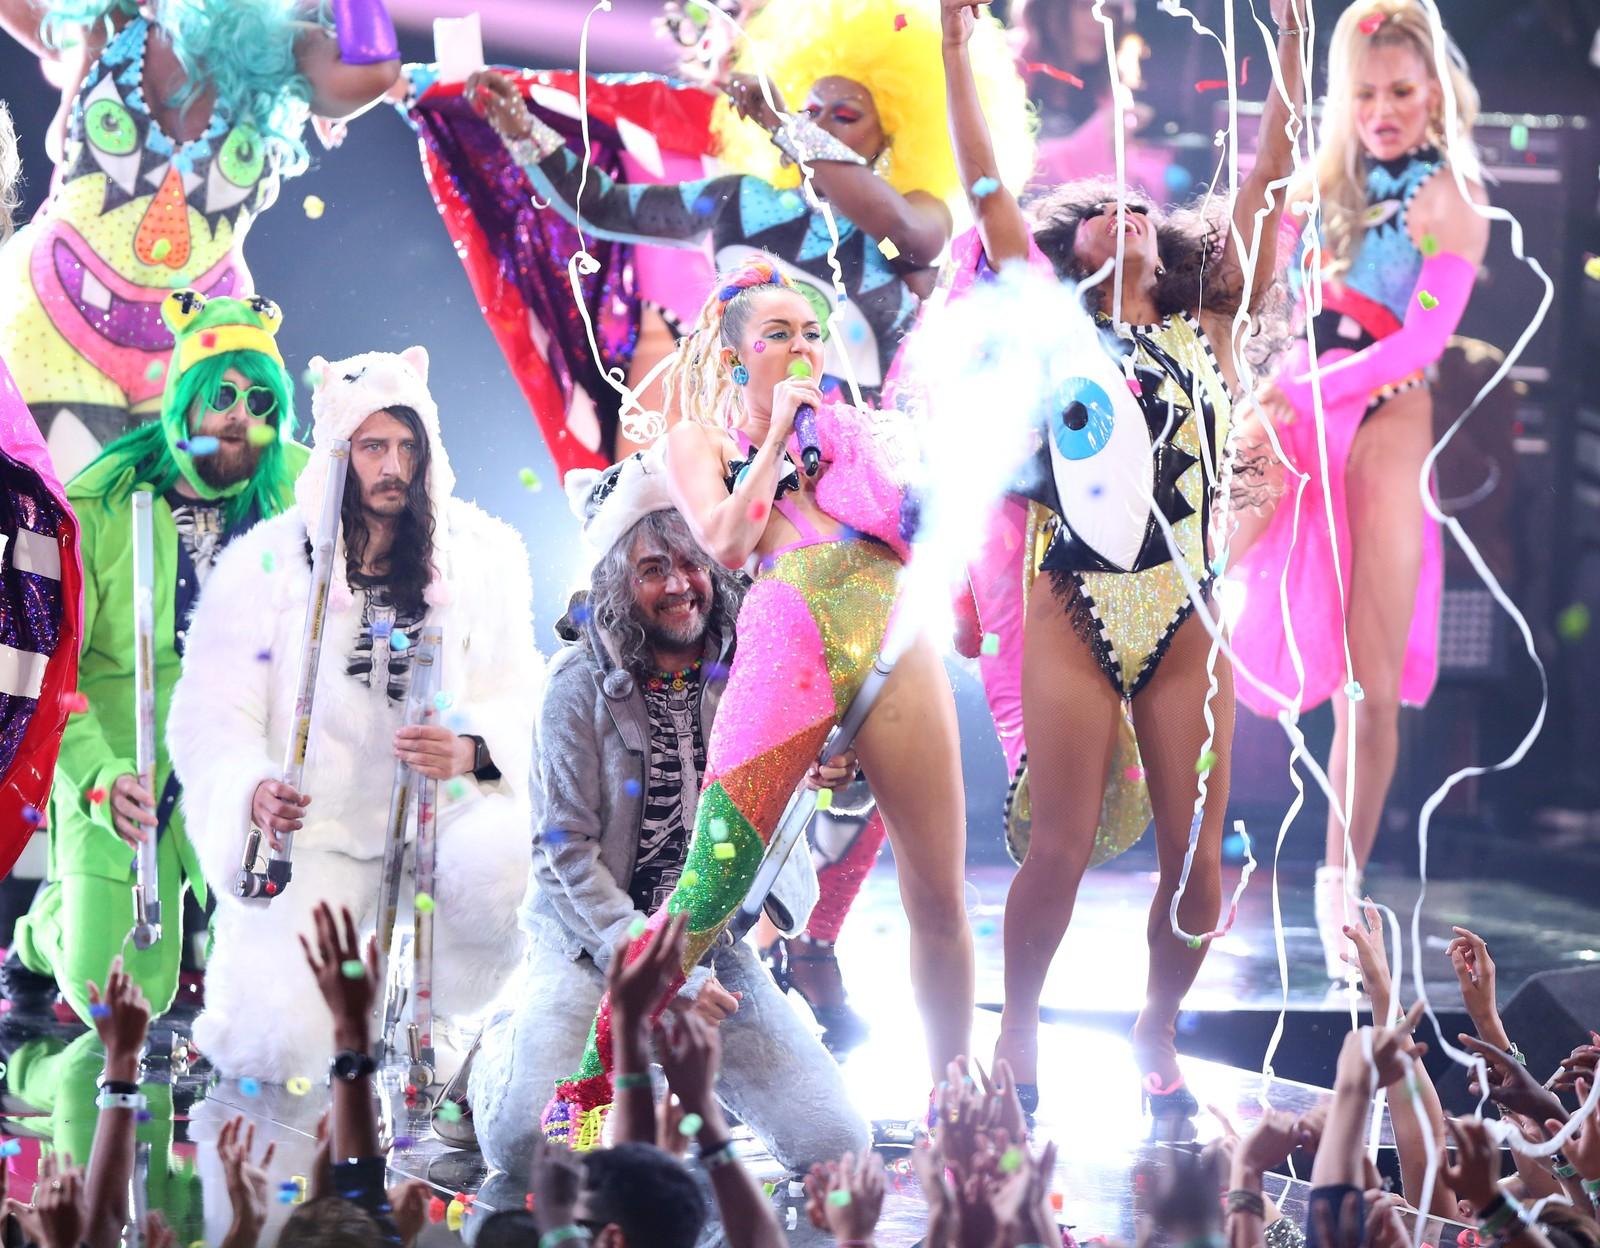 Miley Cyrus (i midten) og Wayne Coyne fra The Flaming Lips med en opptreden innimellom alle prisene.